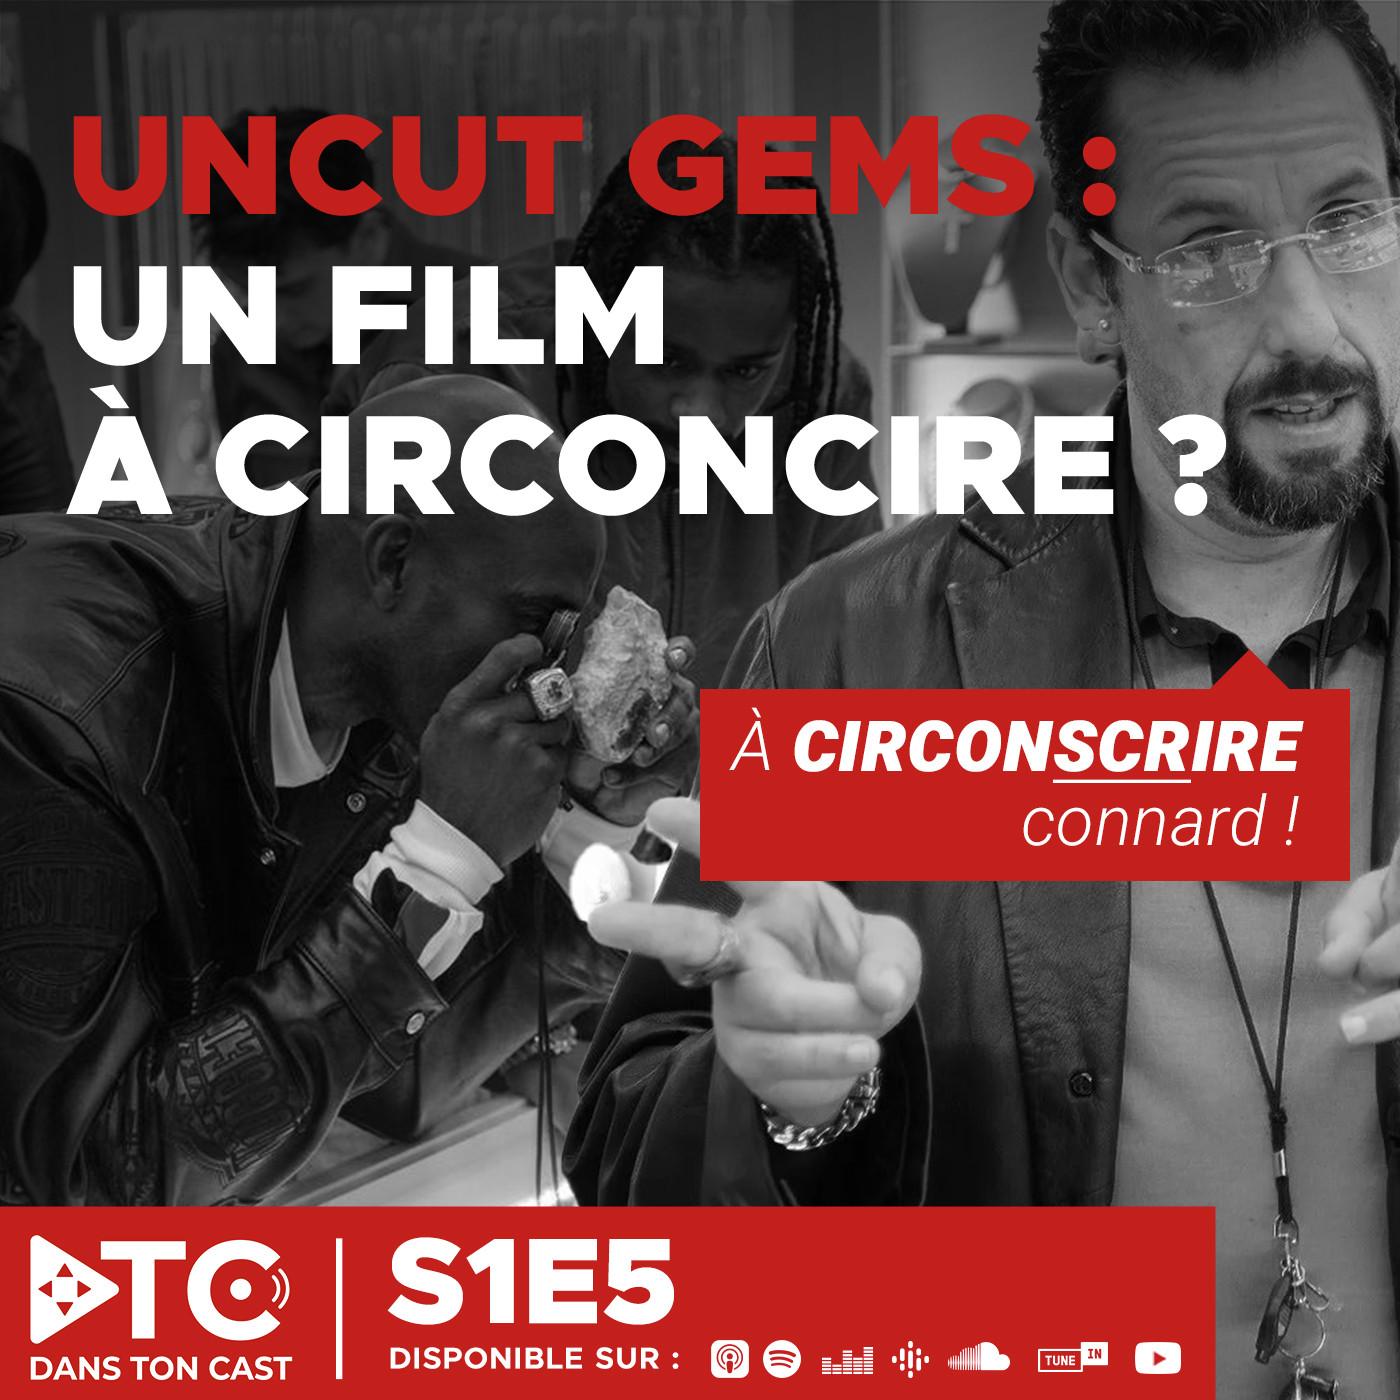 S1E5 - Uncut Gems - Un film à circoncire ?